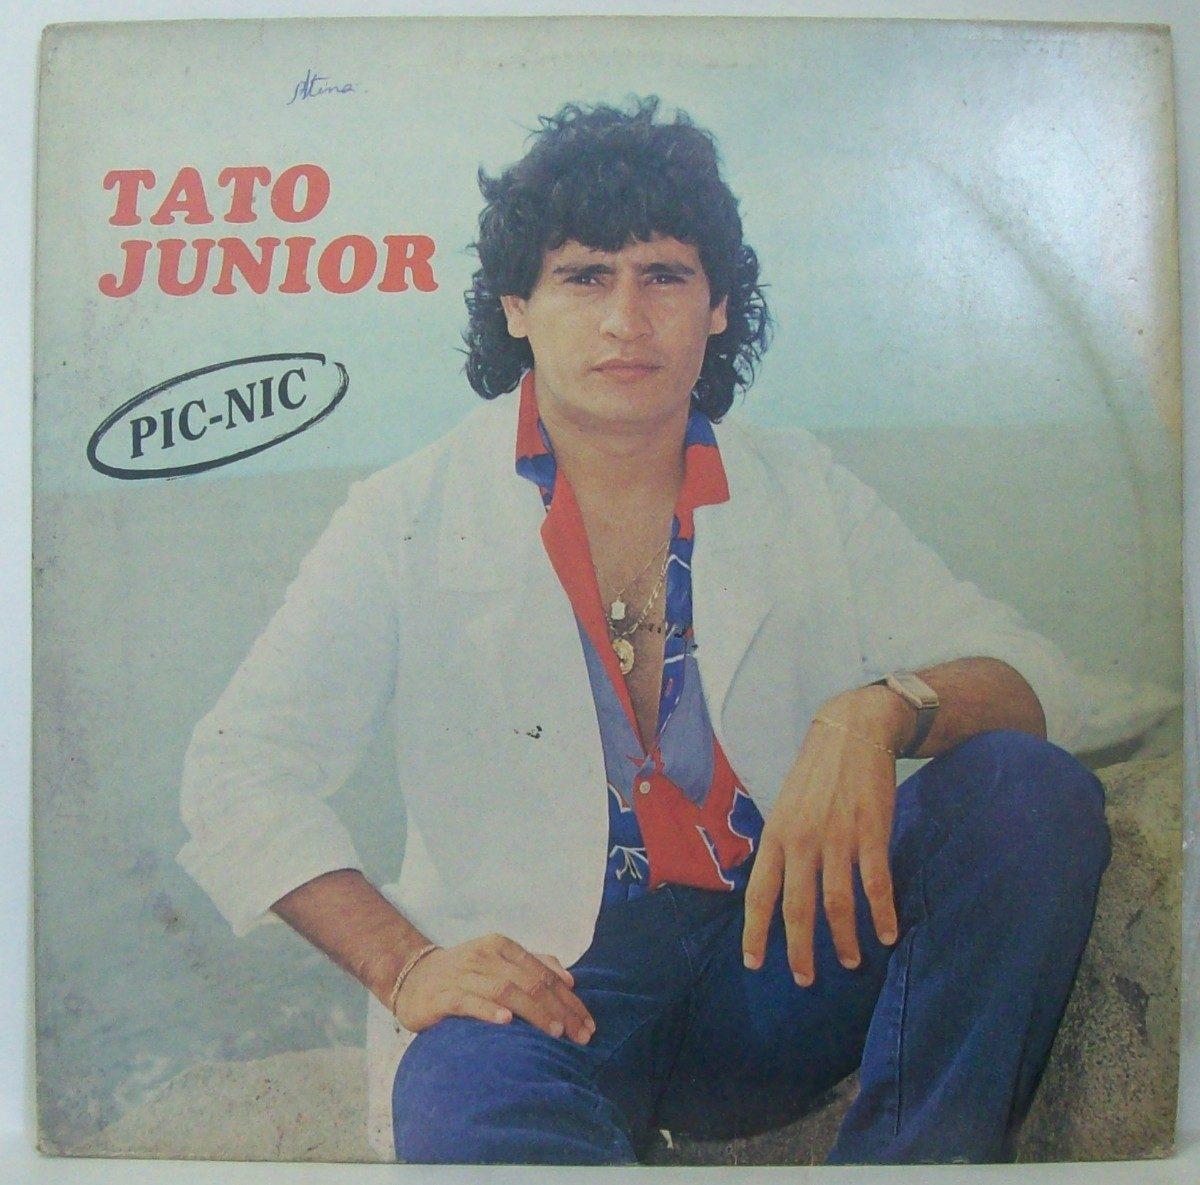 musica tropical junior: